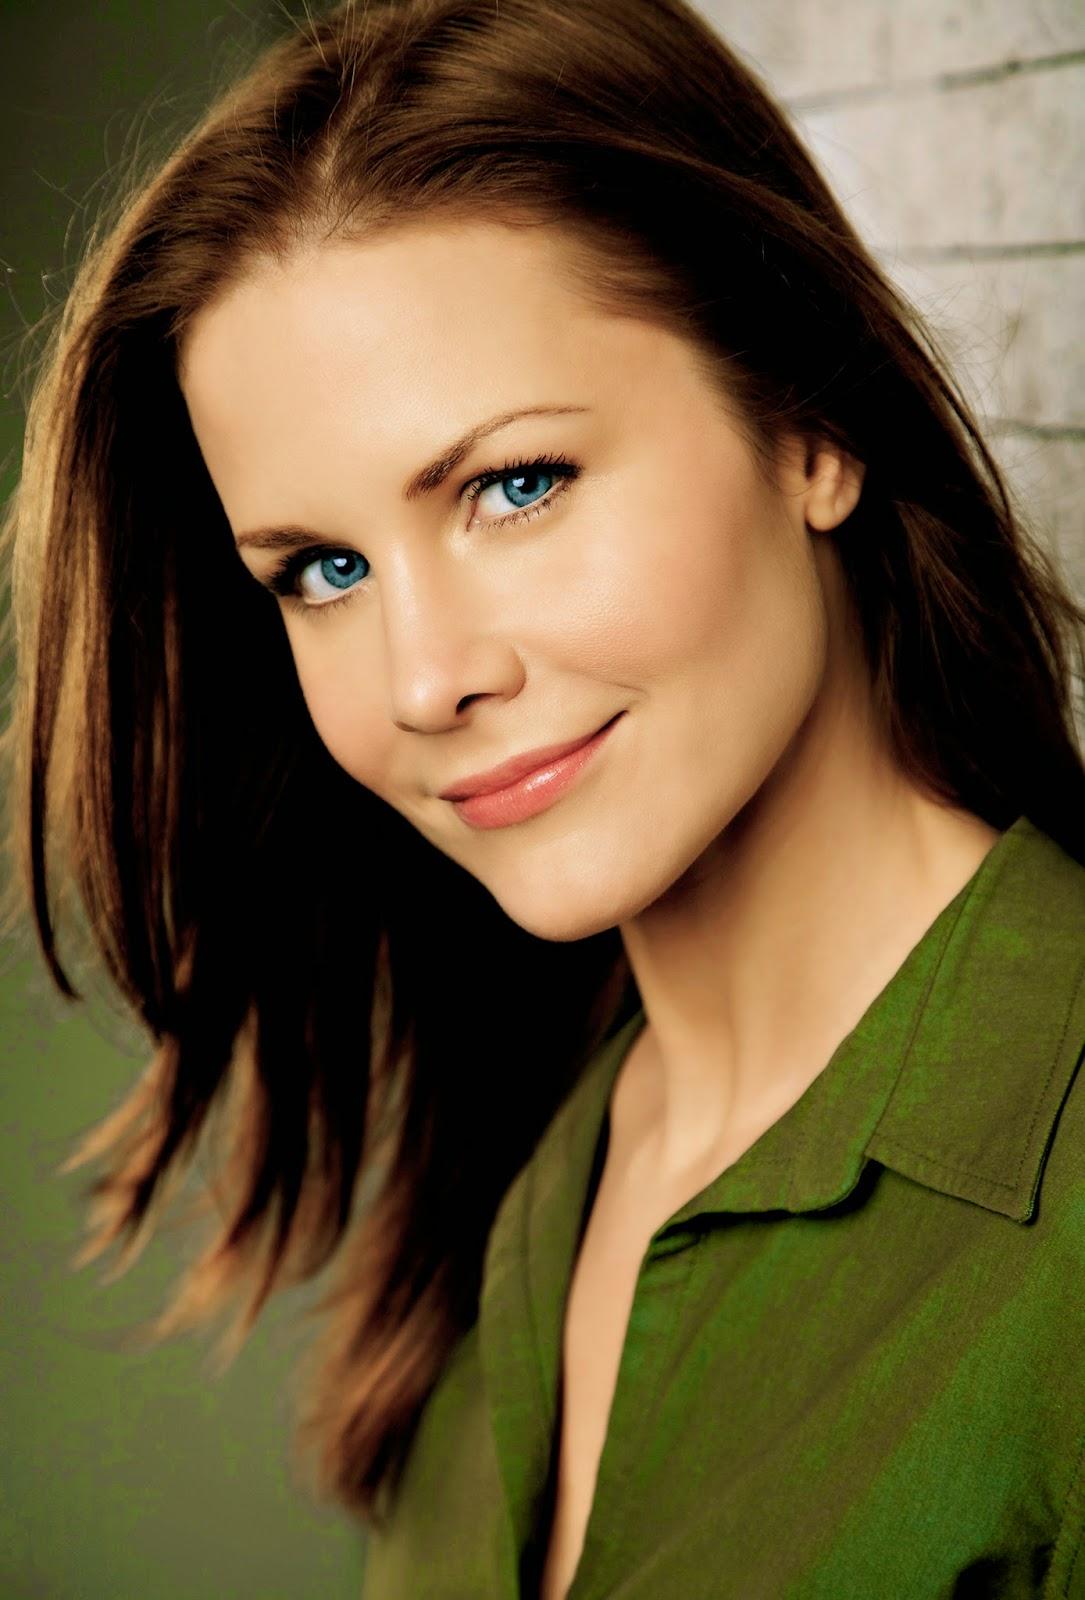 Picture of Josie Davis